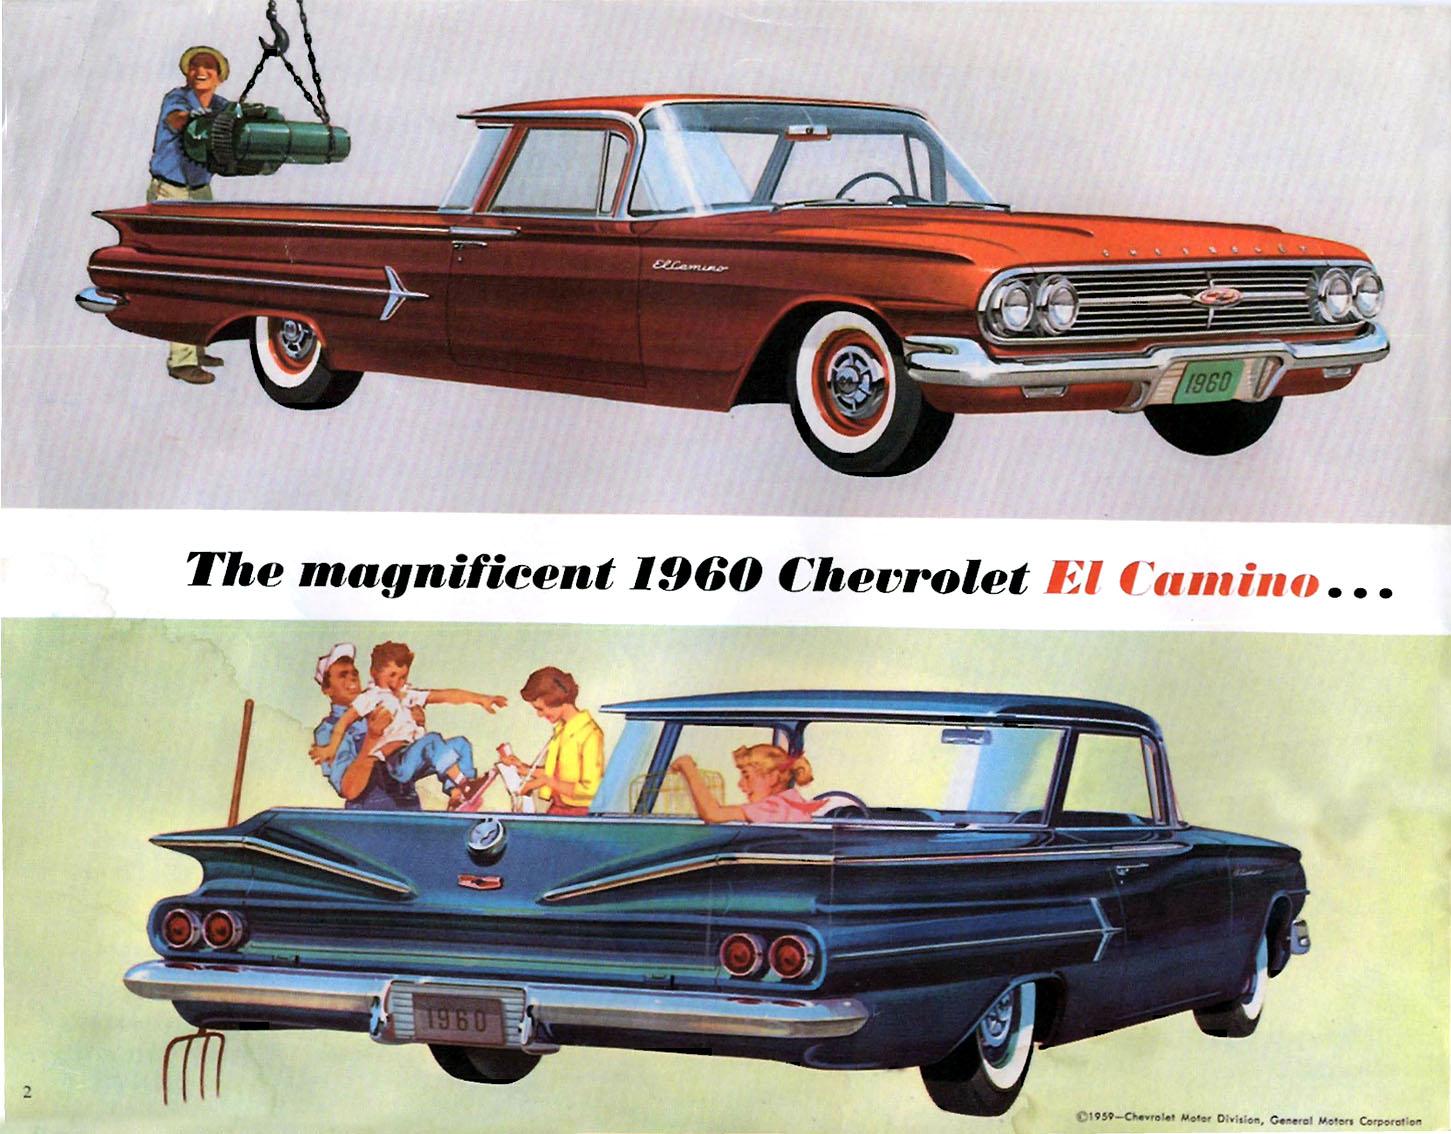 -GMC_Caballero/1960_Chevrolet_El_Camino_and_Sedan_Delivery_Brochure